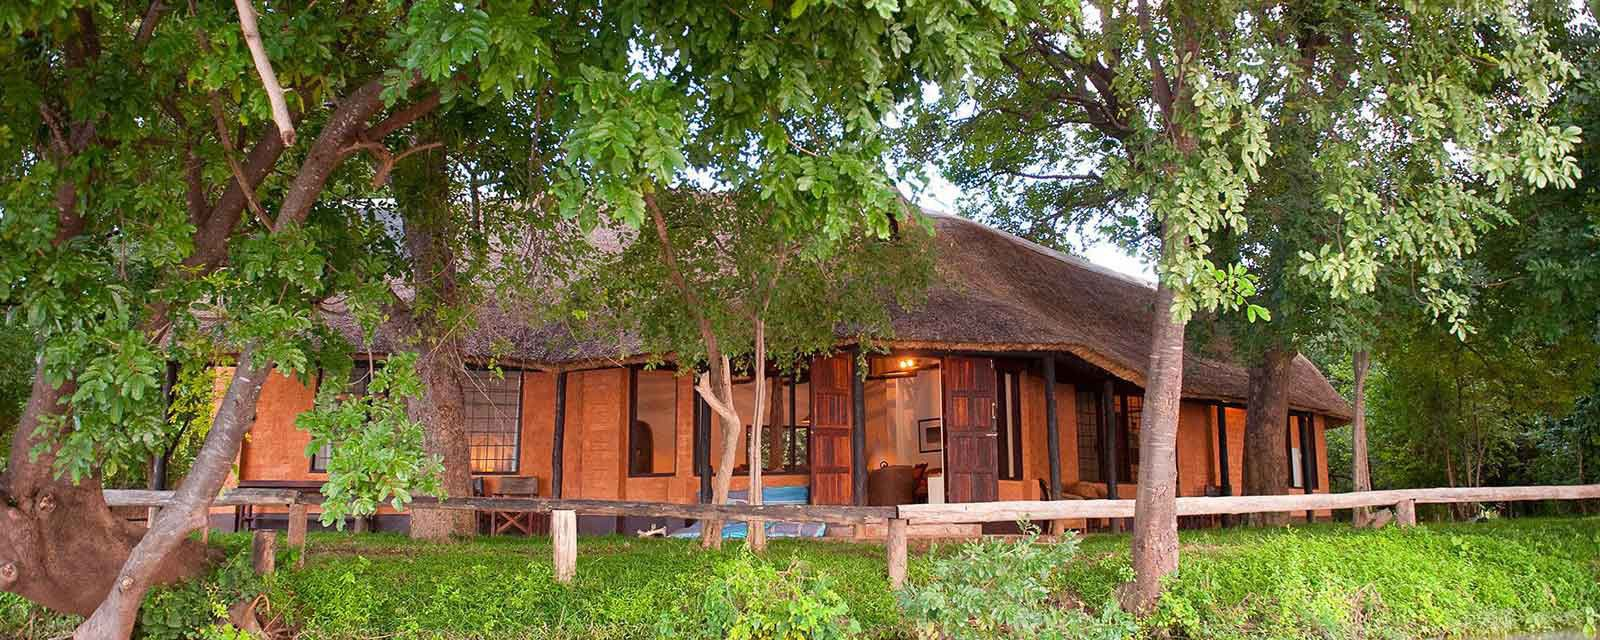 Robin's House